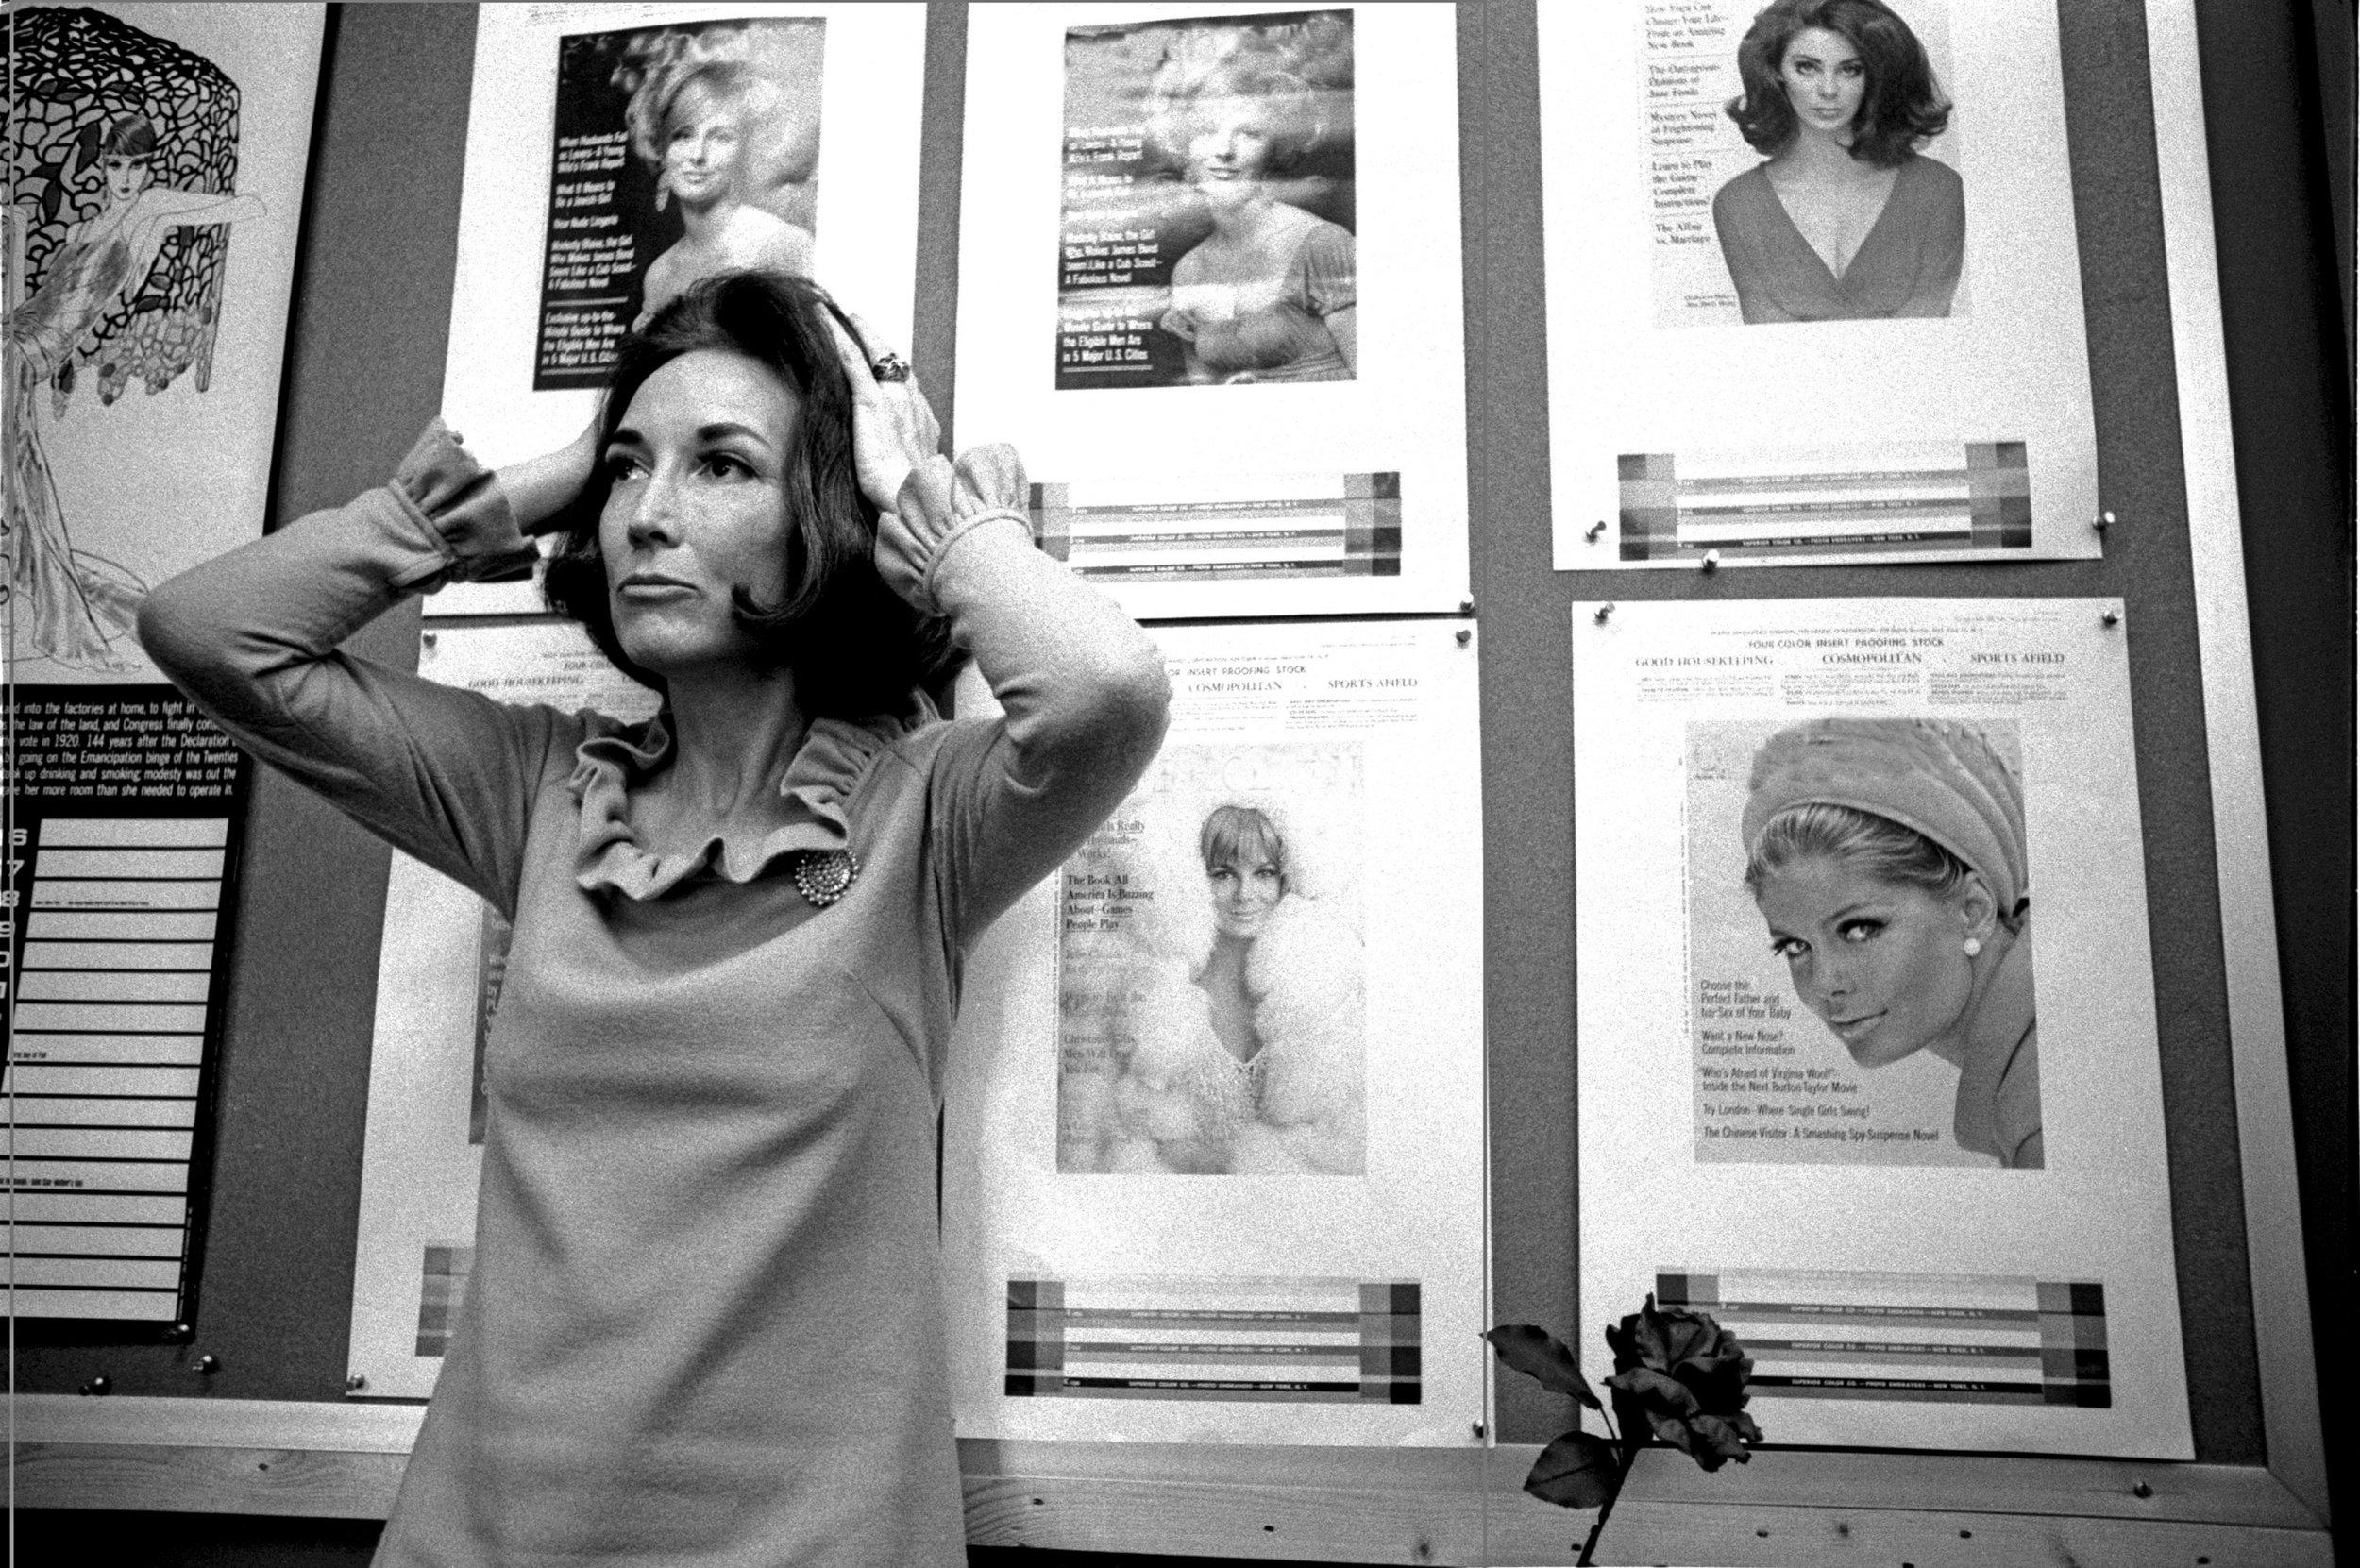 Helen Gurley Brown in her Cosmopolitan office / Photo: assets.vogue.com